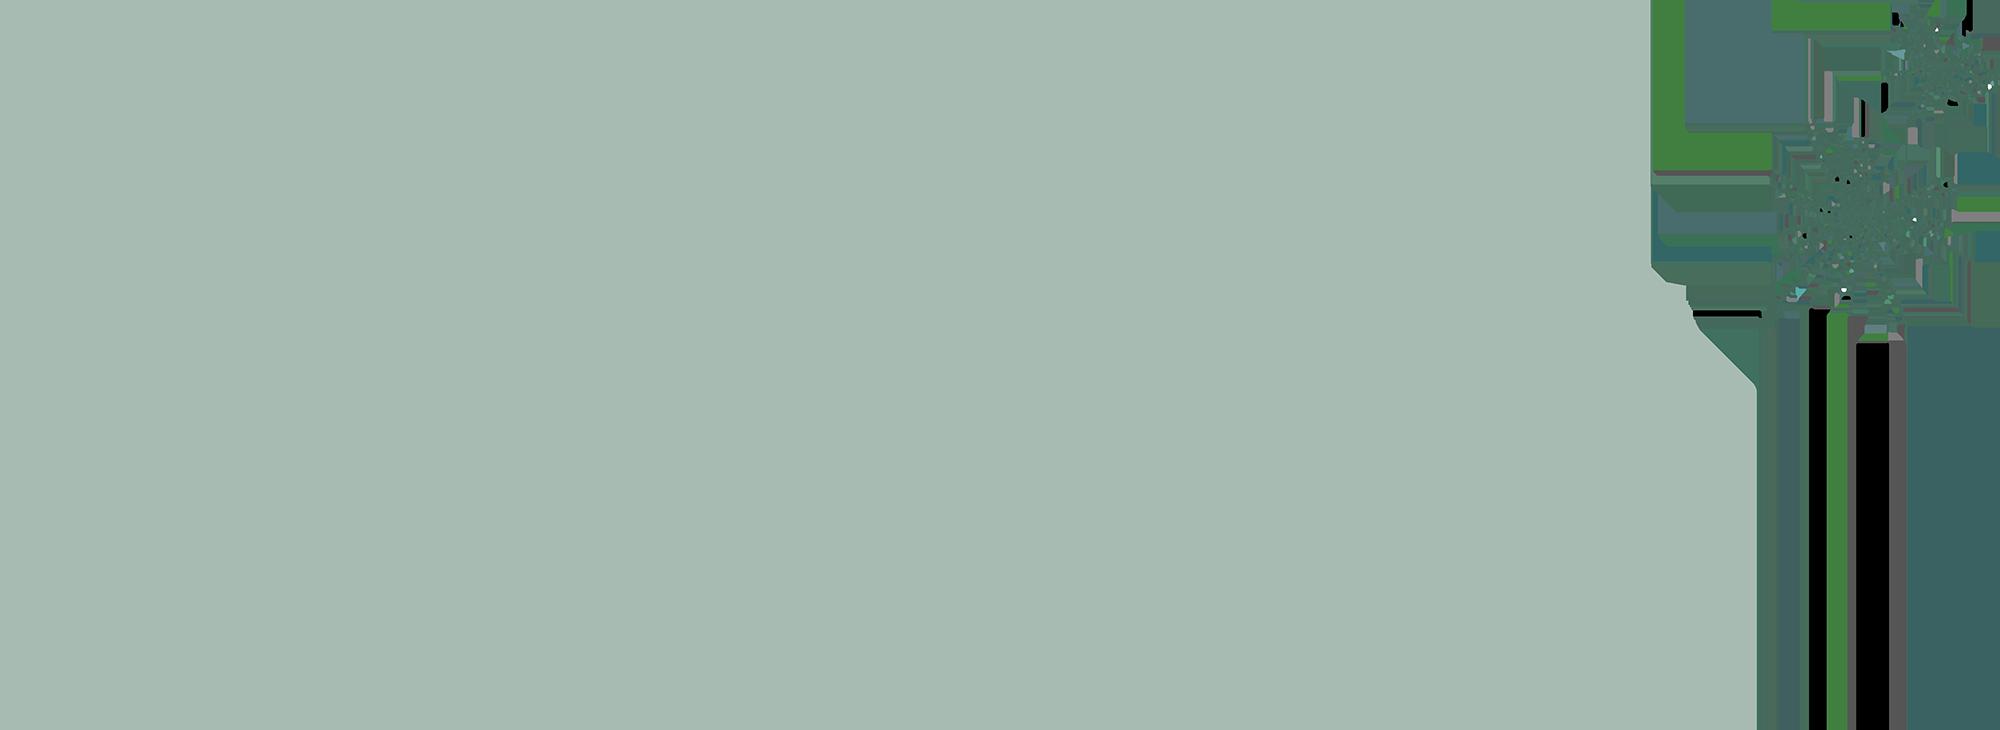 https://www.karinahamer.com/wp-content/uploads/2021/06/jubeltage_logo_website.png